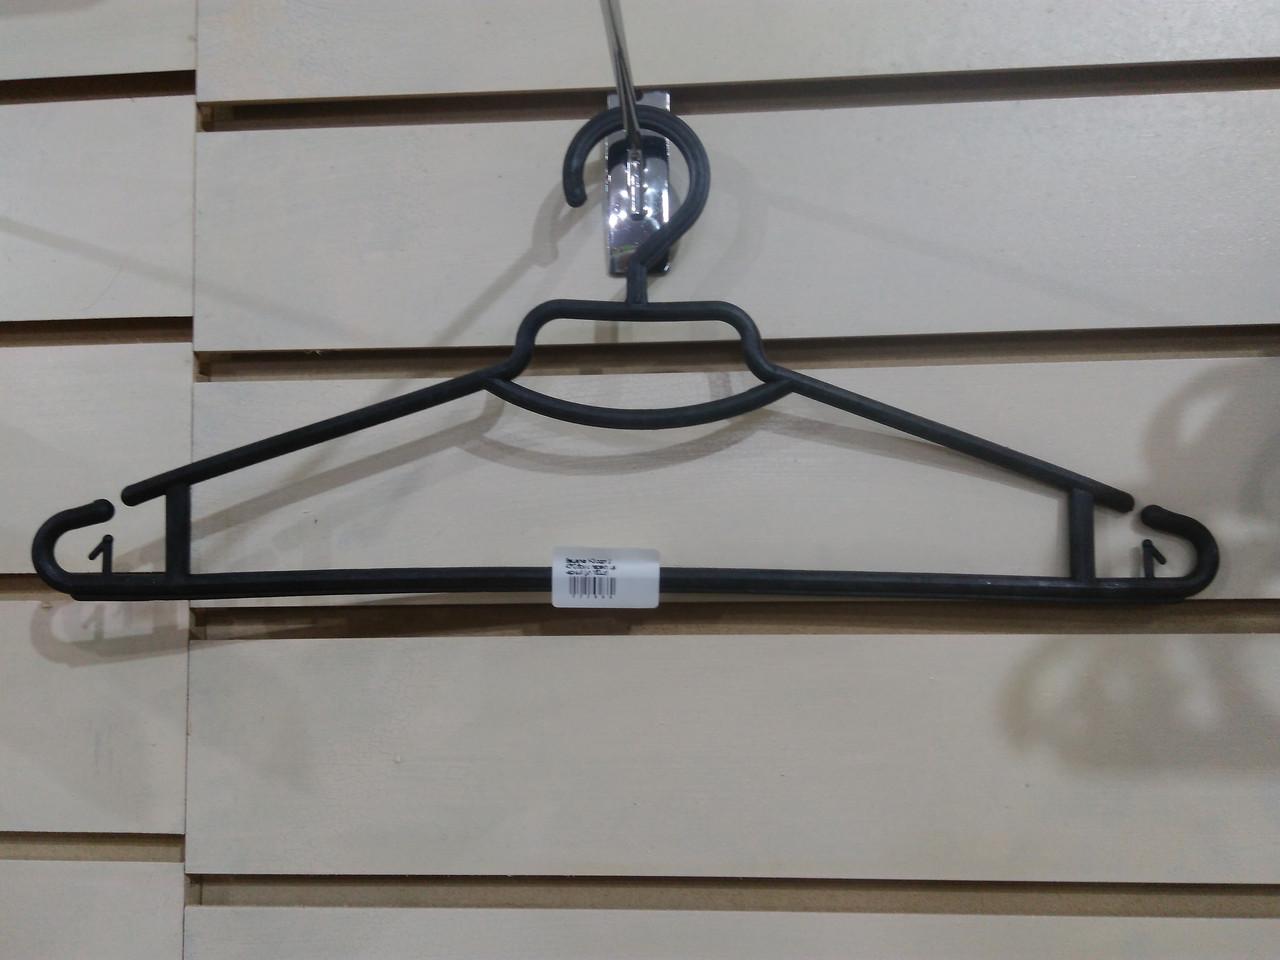 Вішалка Y-3 сорт 2 43*0,6 см з перекл. цв чорний (уп 160 шт)